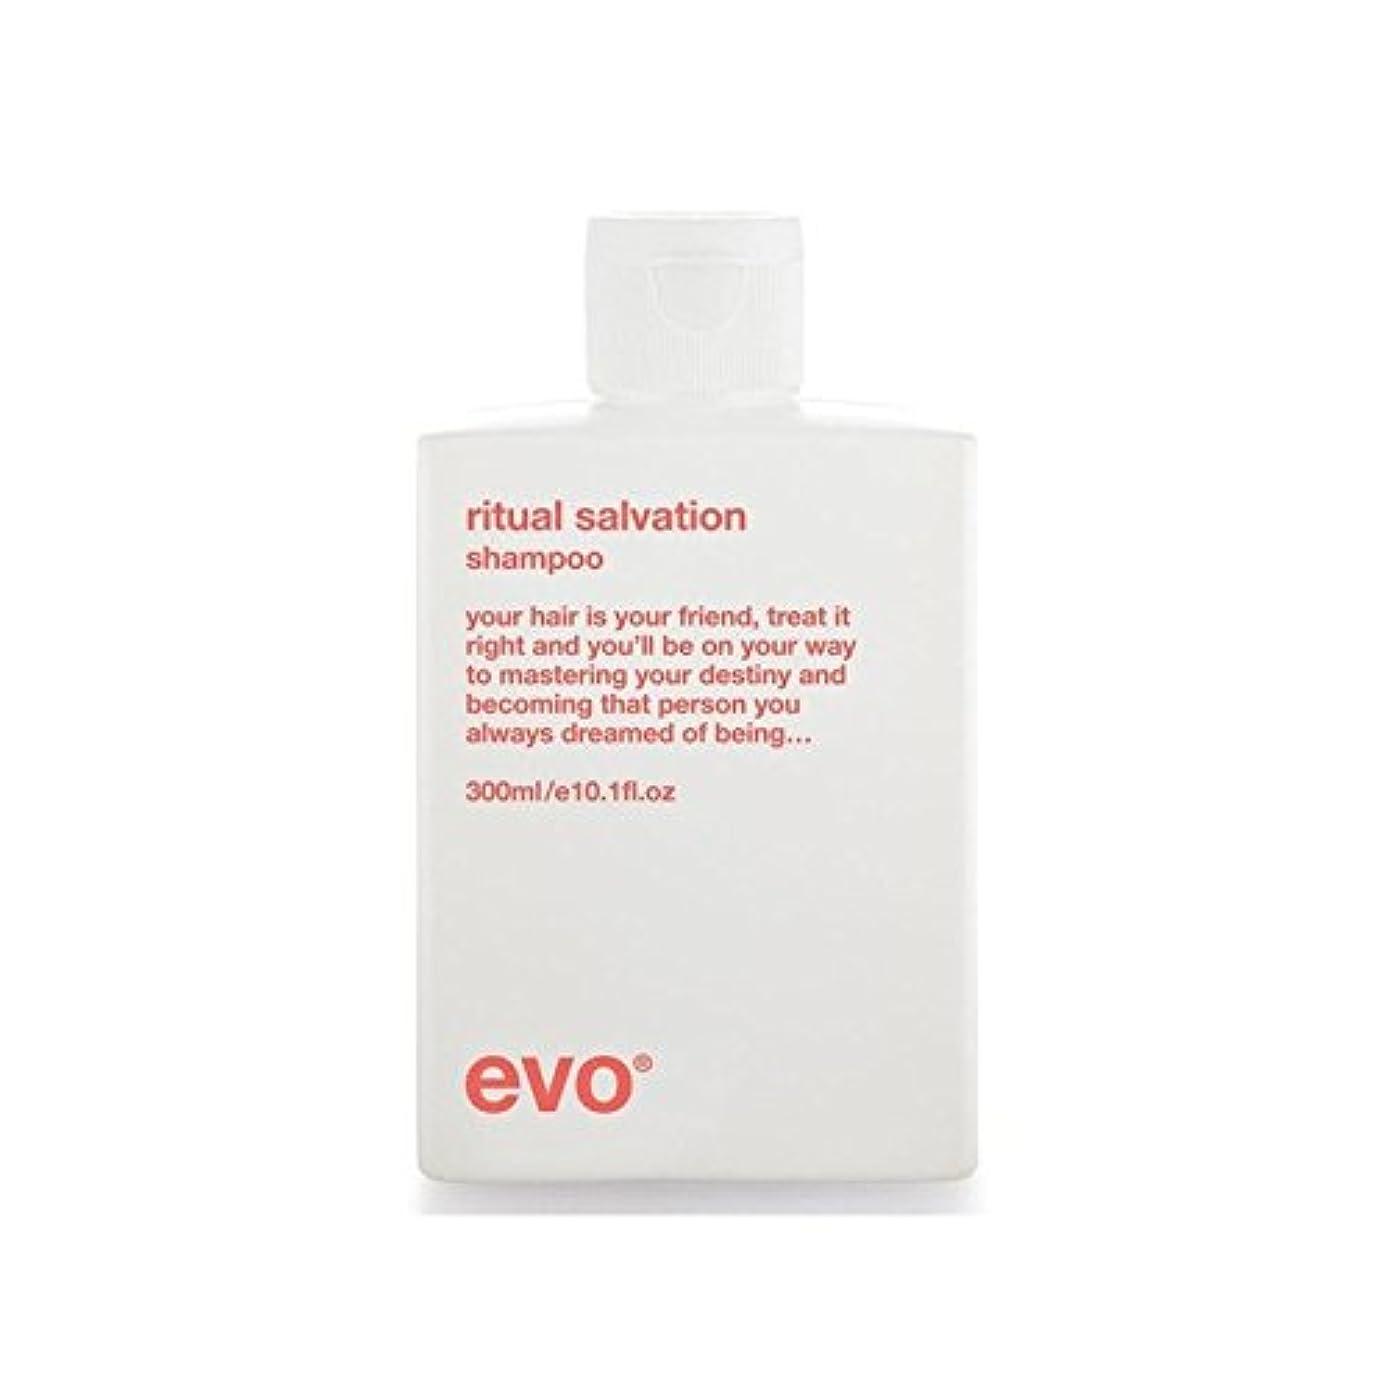 性的戸口印象派Evo Ritual Salvation Shampoo (300ml) - エボ儀式救いシャンプー(300ミリリットル) [並行輸入品]